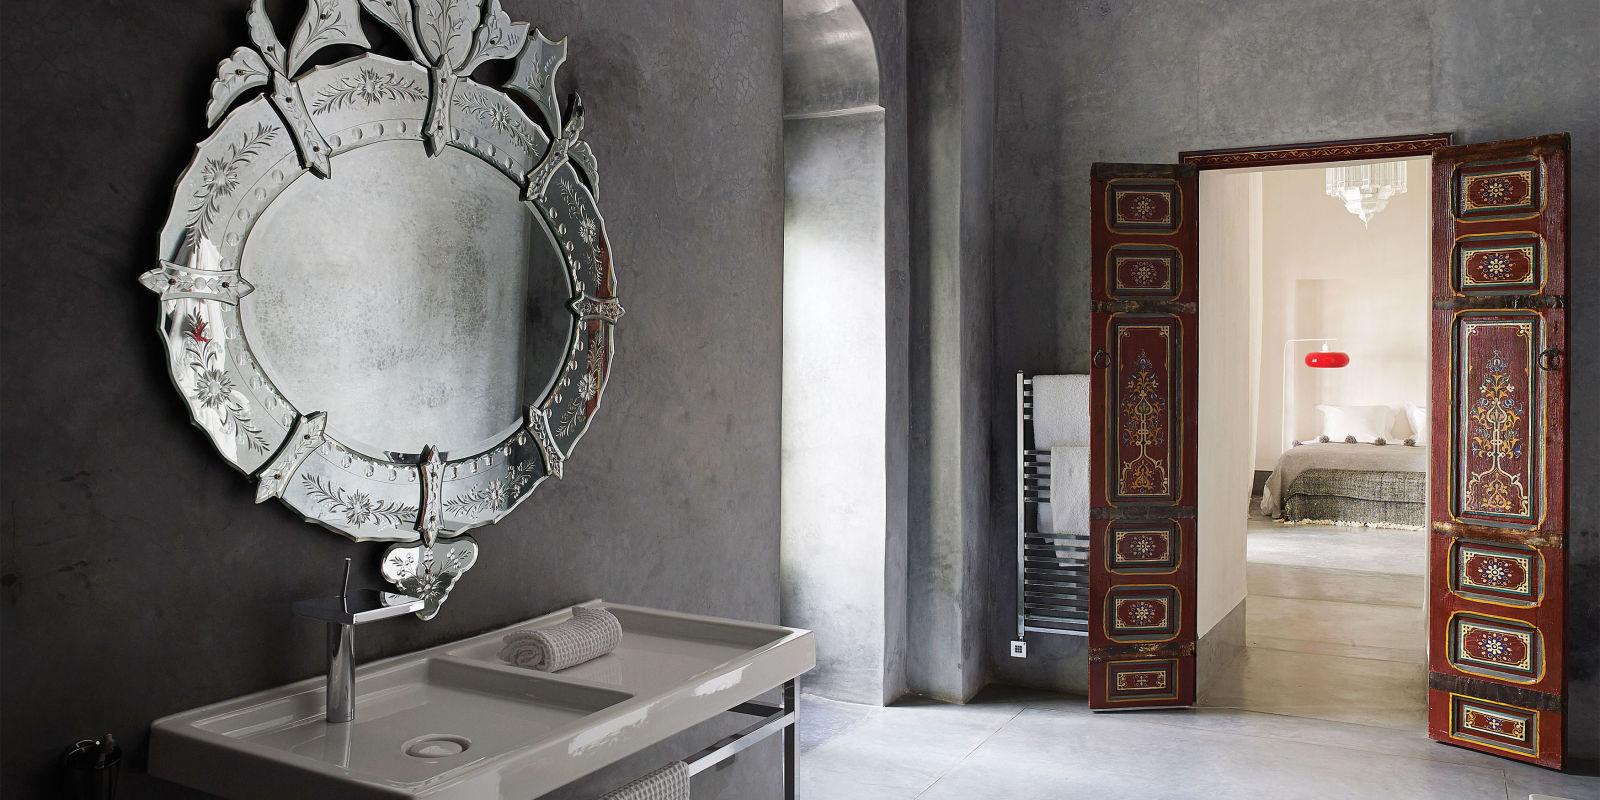 20 Bathroom Mirror Design Ideas